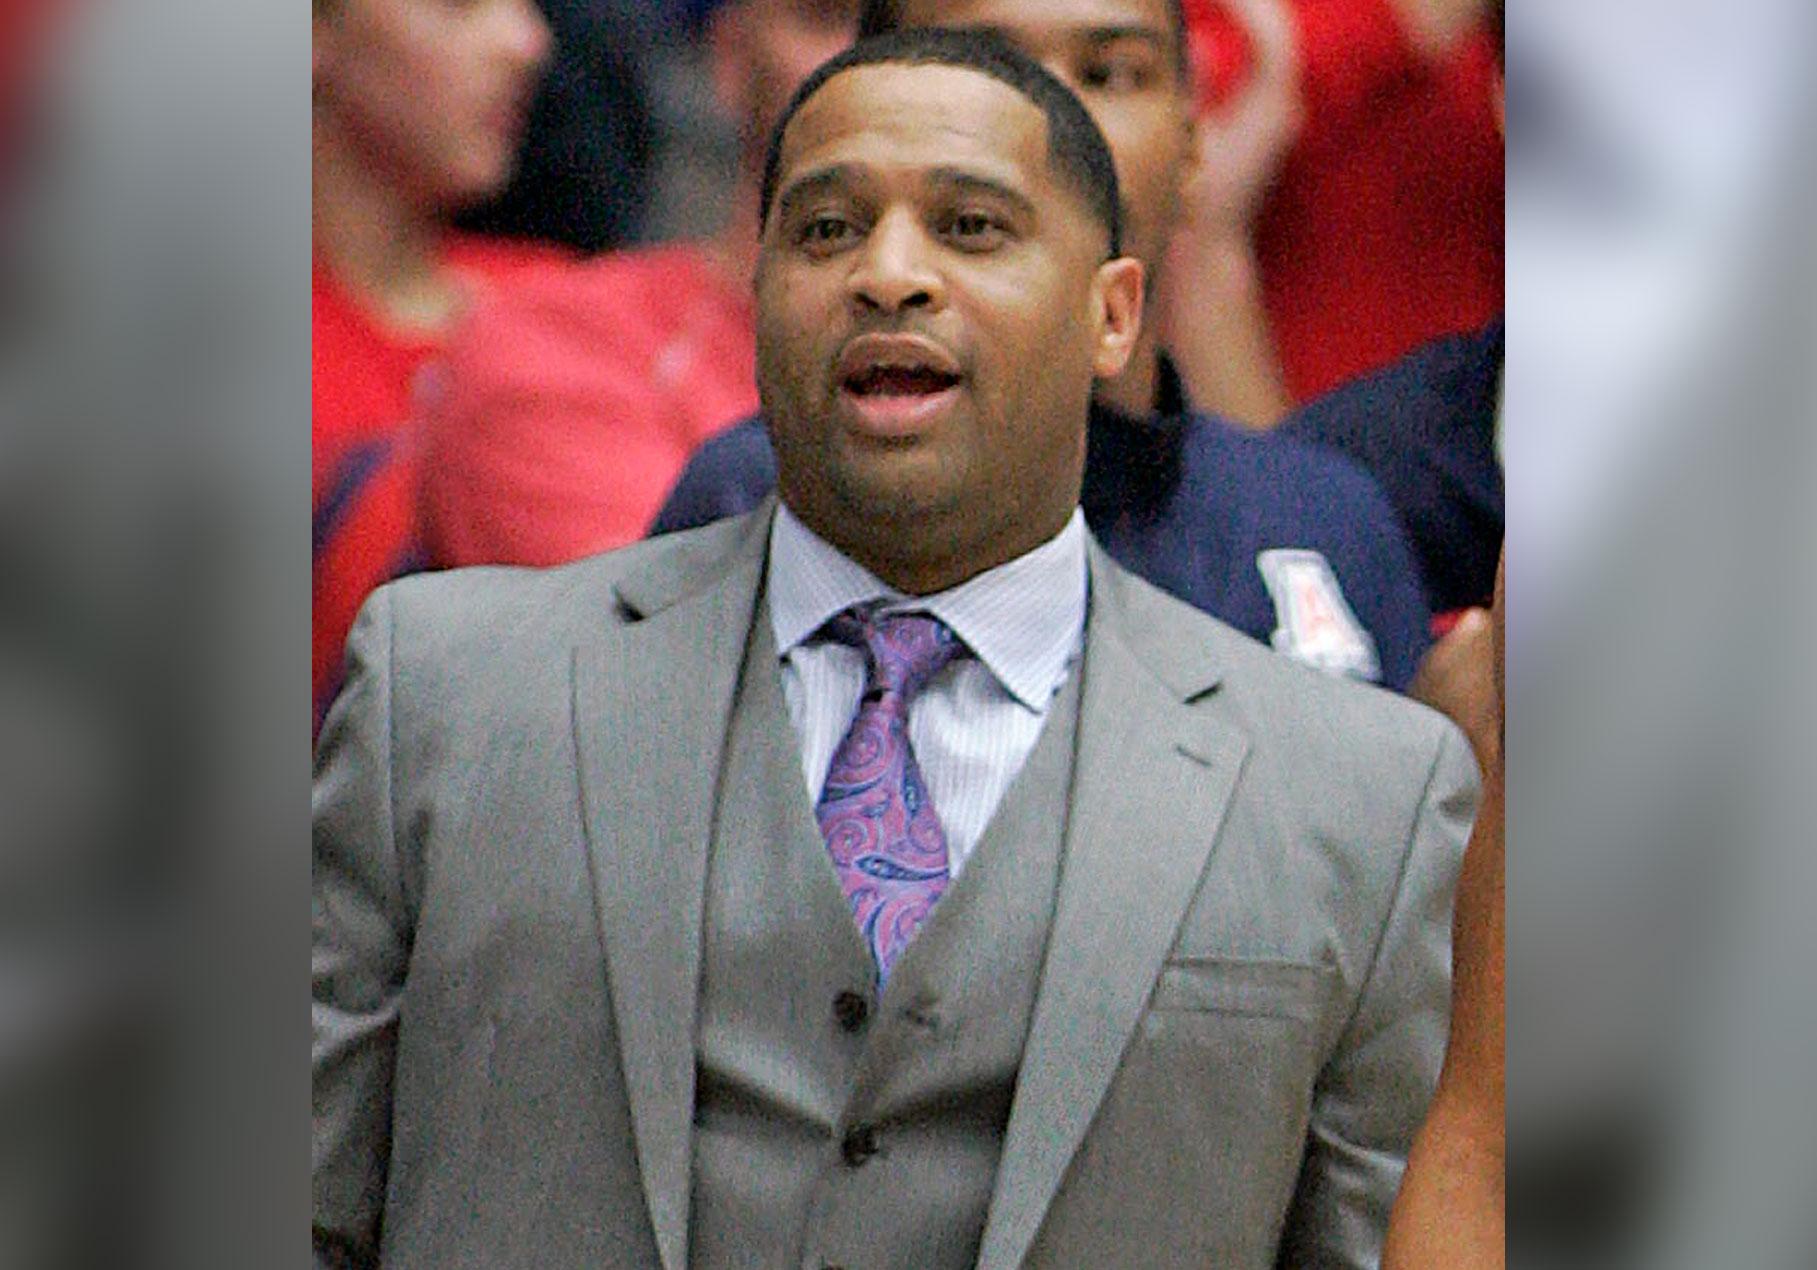 Πώς εμπλέκεται το βιβλίο 'Richardson' με το σκάνδαλο δωροδοκίας μπάσκετ NCAA και πού είναι τώρα;